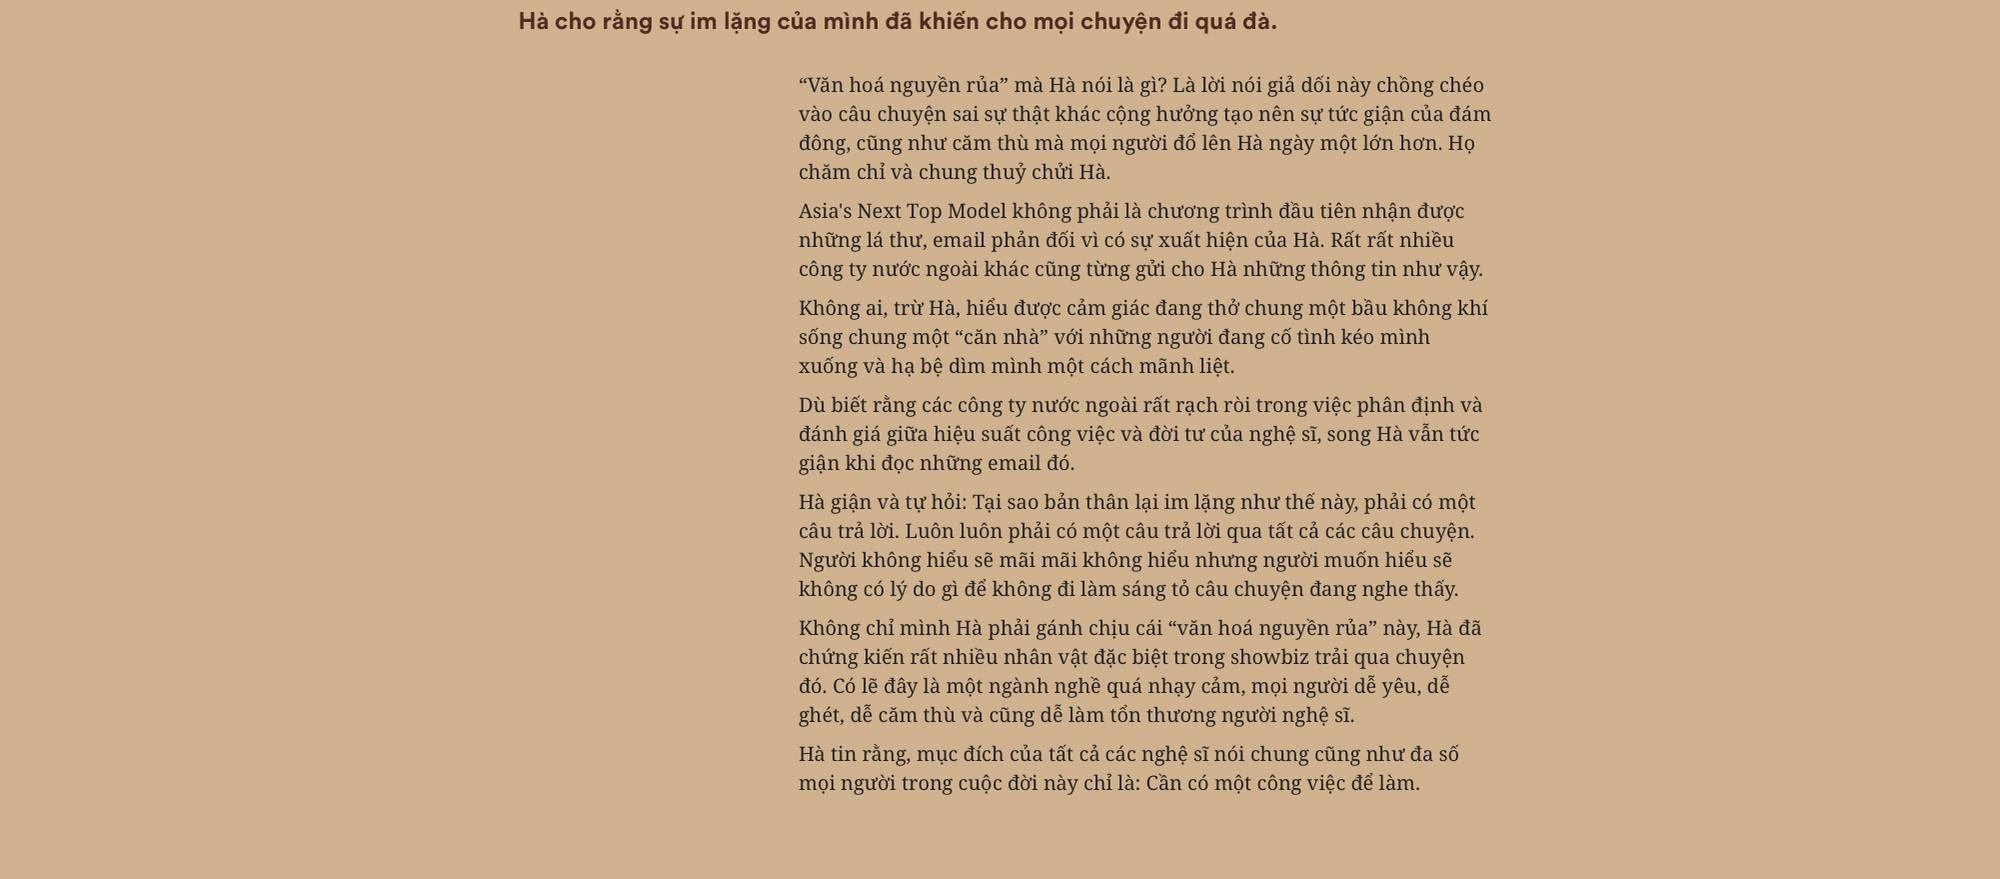 Hồ Ngọc Hà: Không bao giờ làm điều gì để những người phụ nữ khác phải đau lòng giống như lời đồn - Ảnh 5.